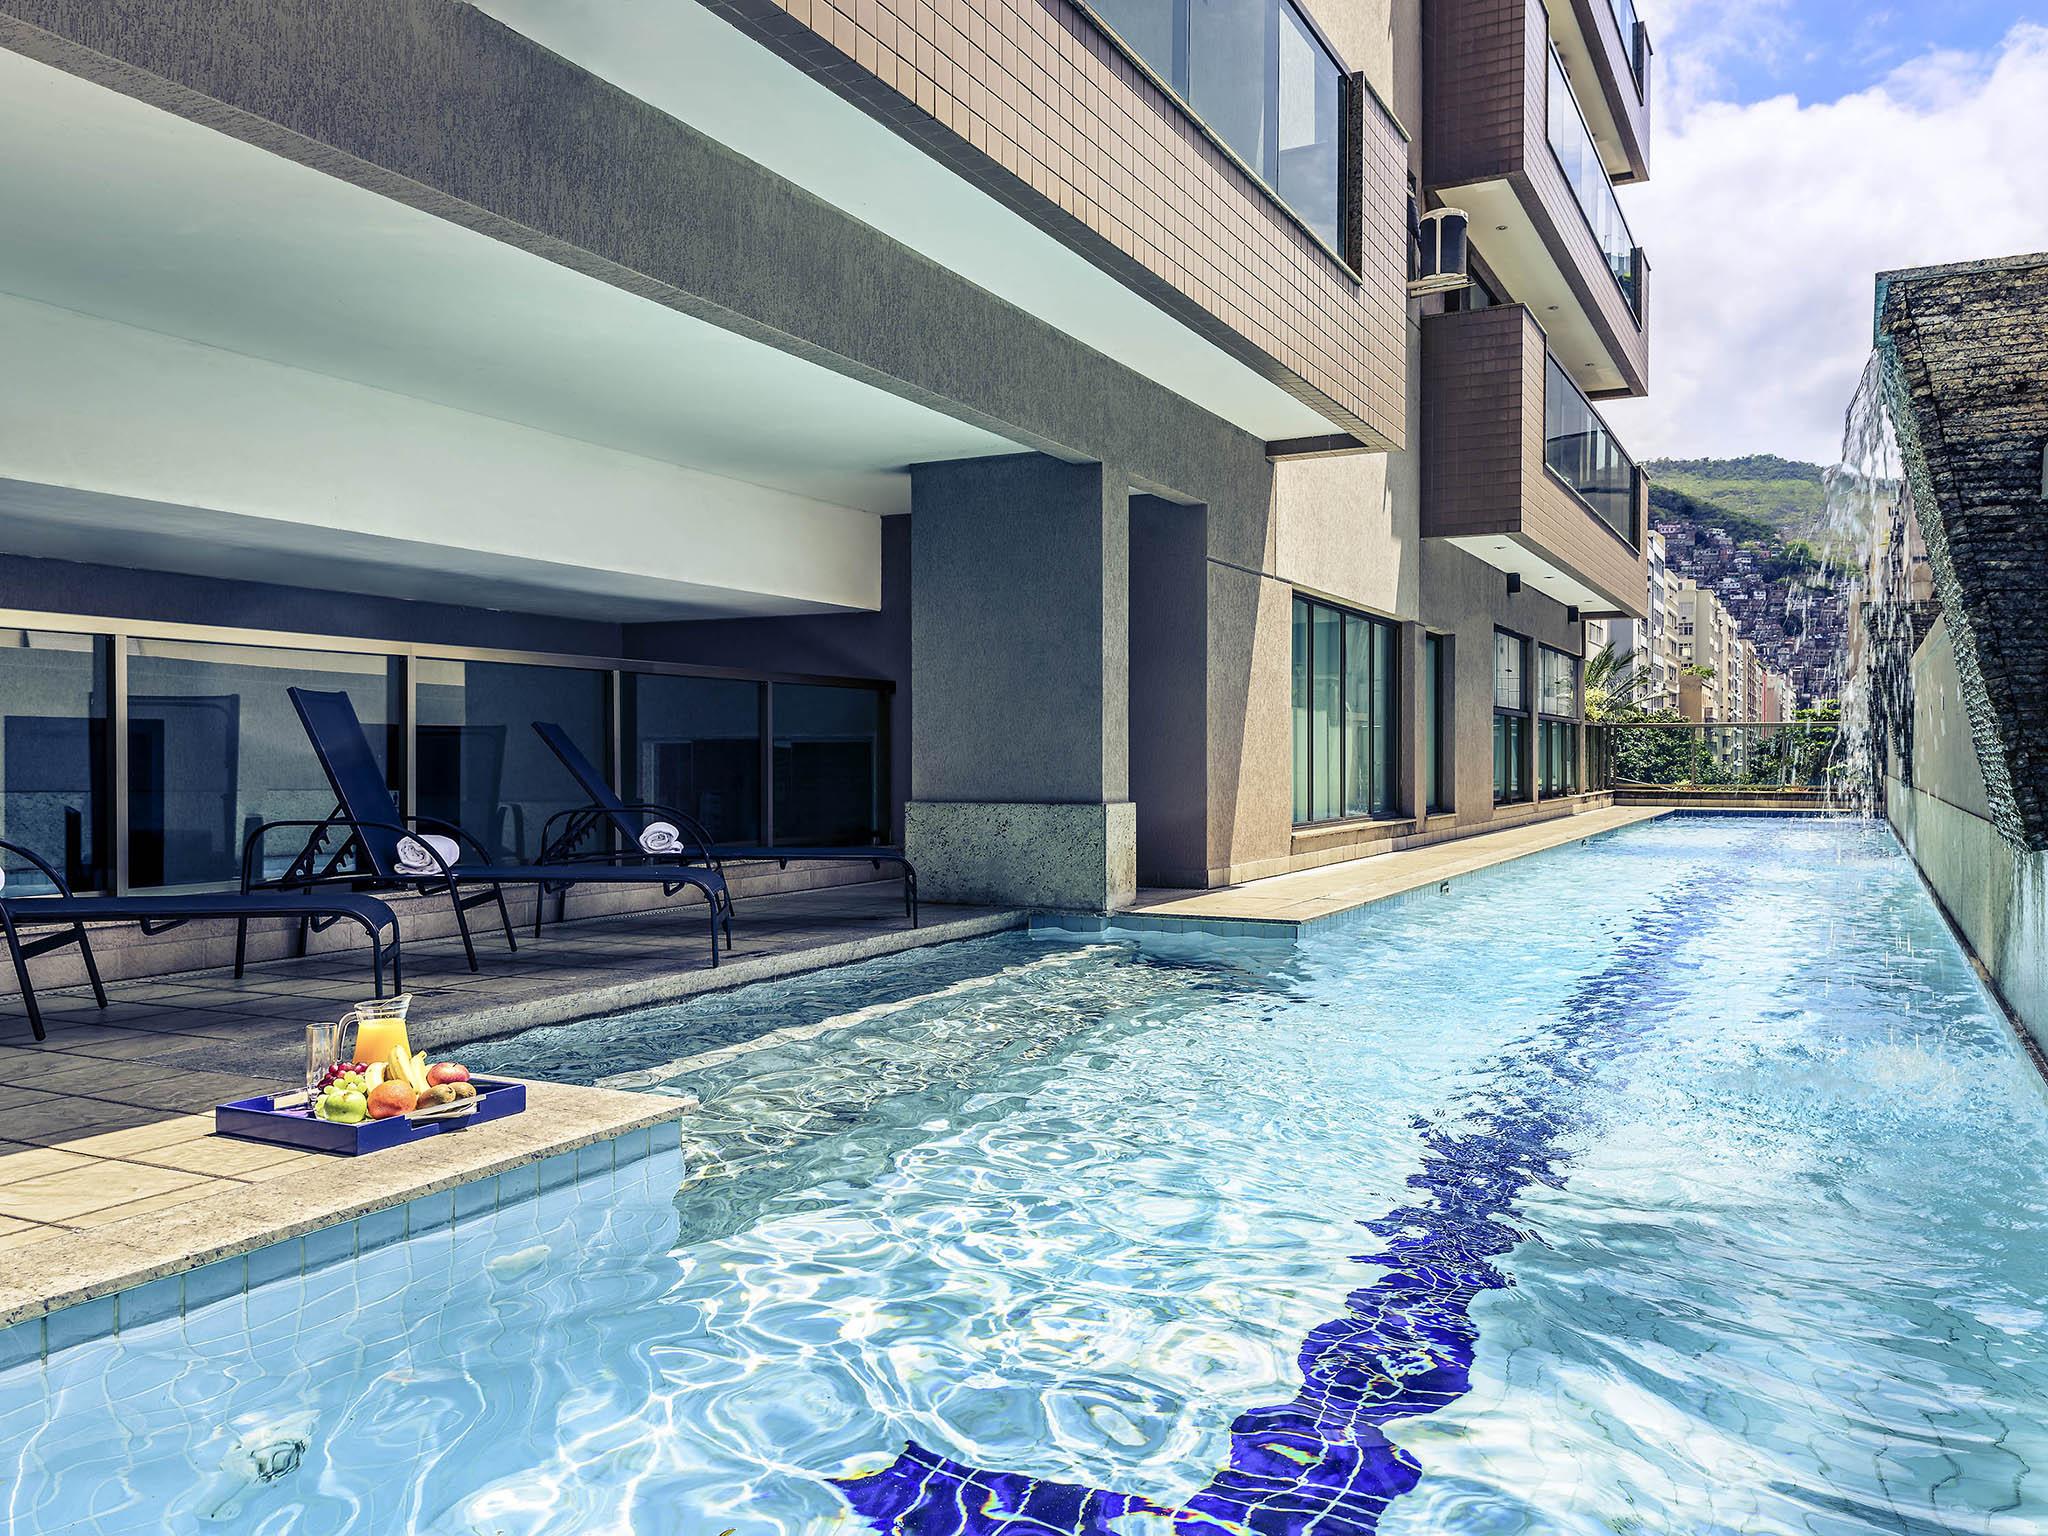 ホテル – メルキュールリオデジャネイロアルポアドールホテル